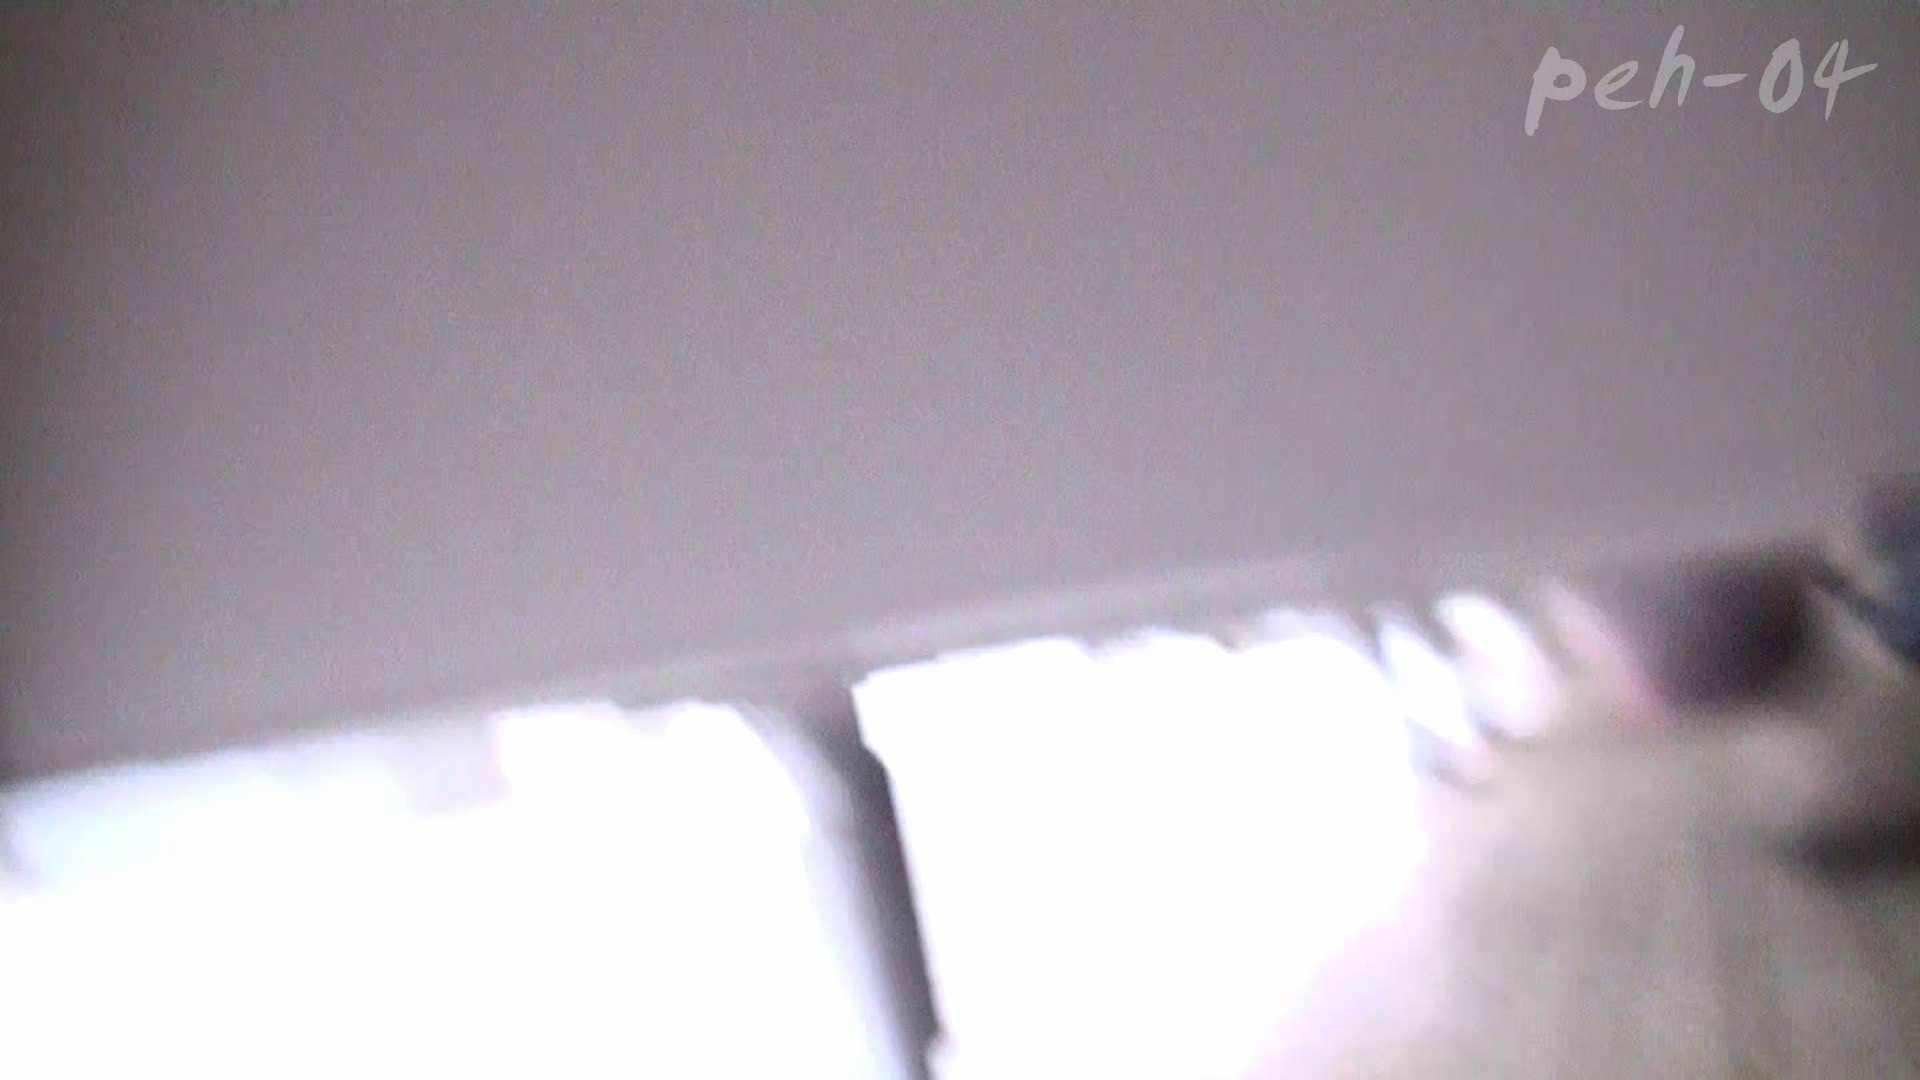 ※100個限定販売 至高下半身盗撮 プレミアム Vol.4 ハイビジョン 盗撮映像大放出 | エッチすぎるOL達  77連発 51